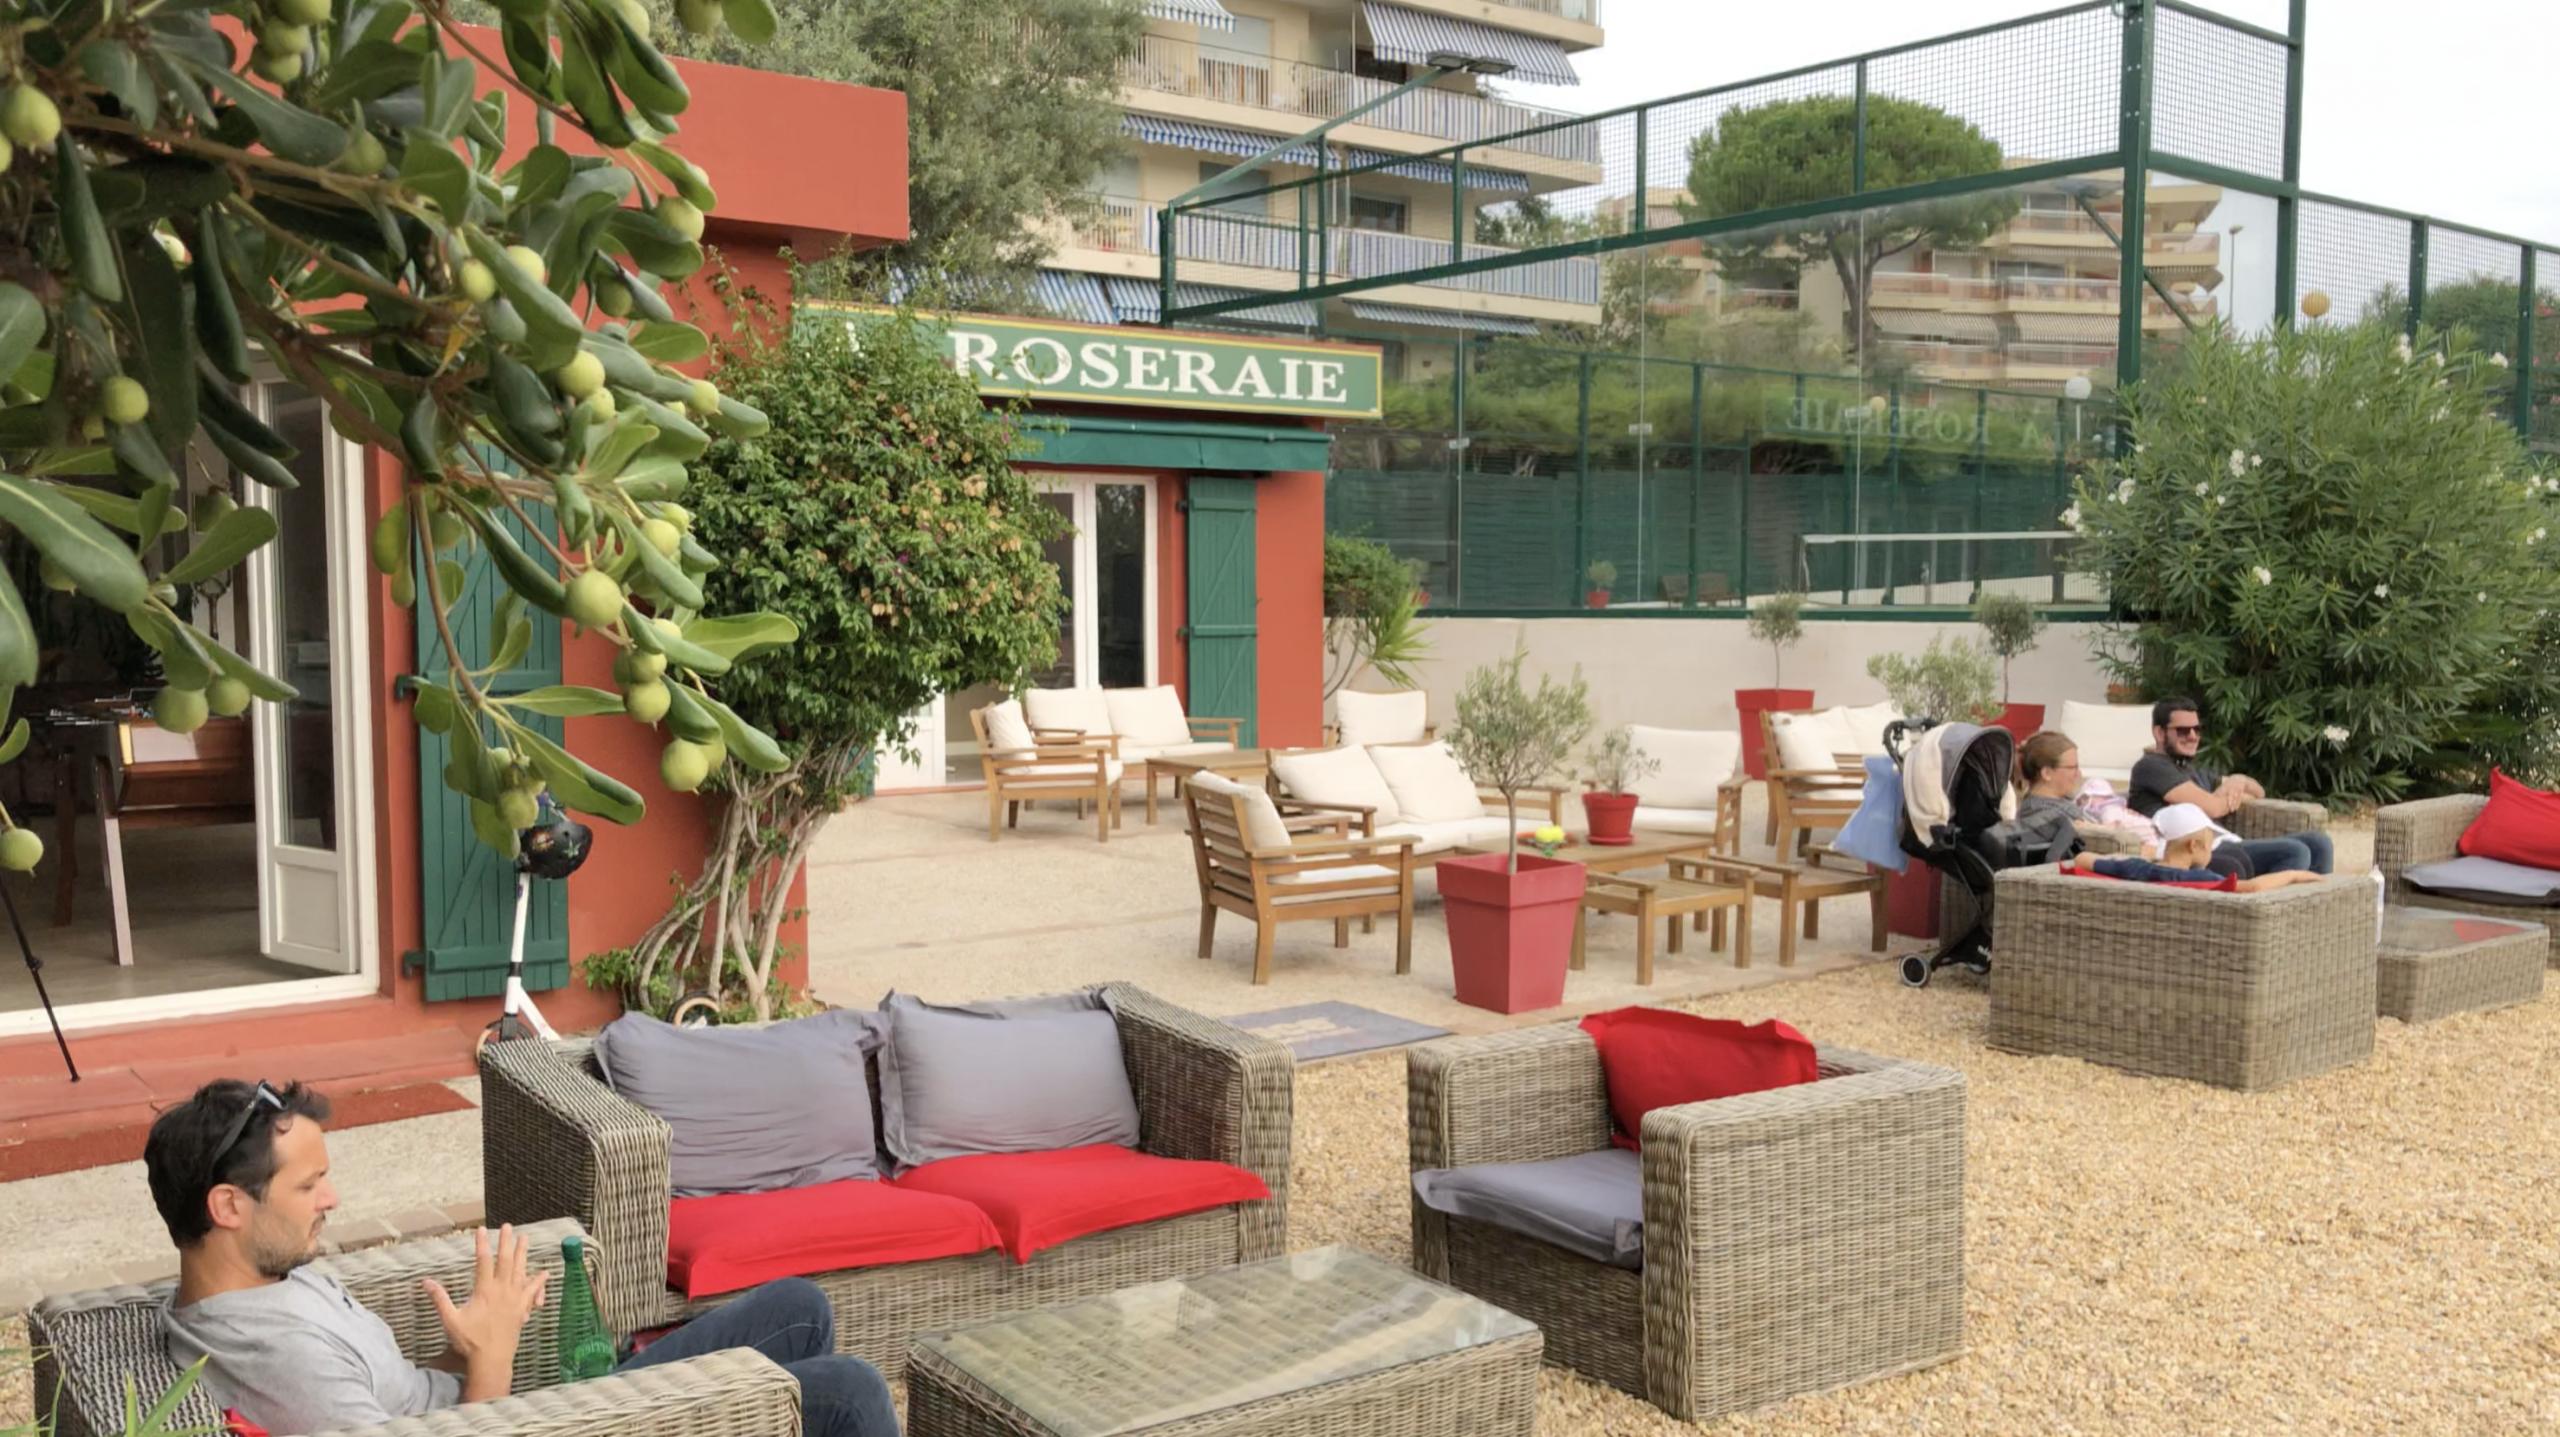 Court tennis club La Roseraie - Espace détente